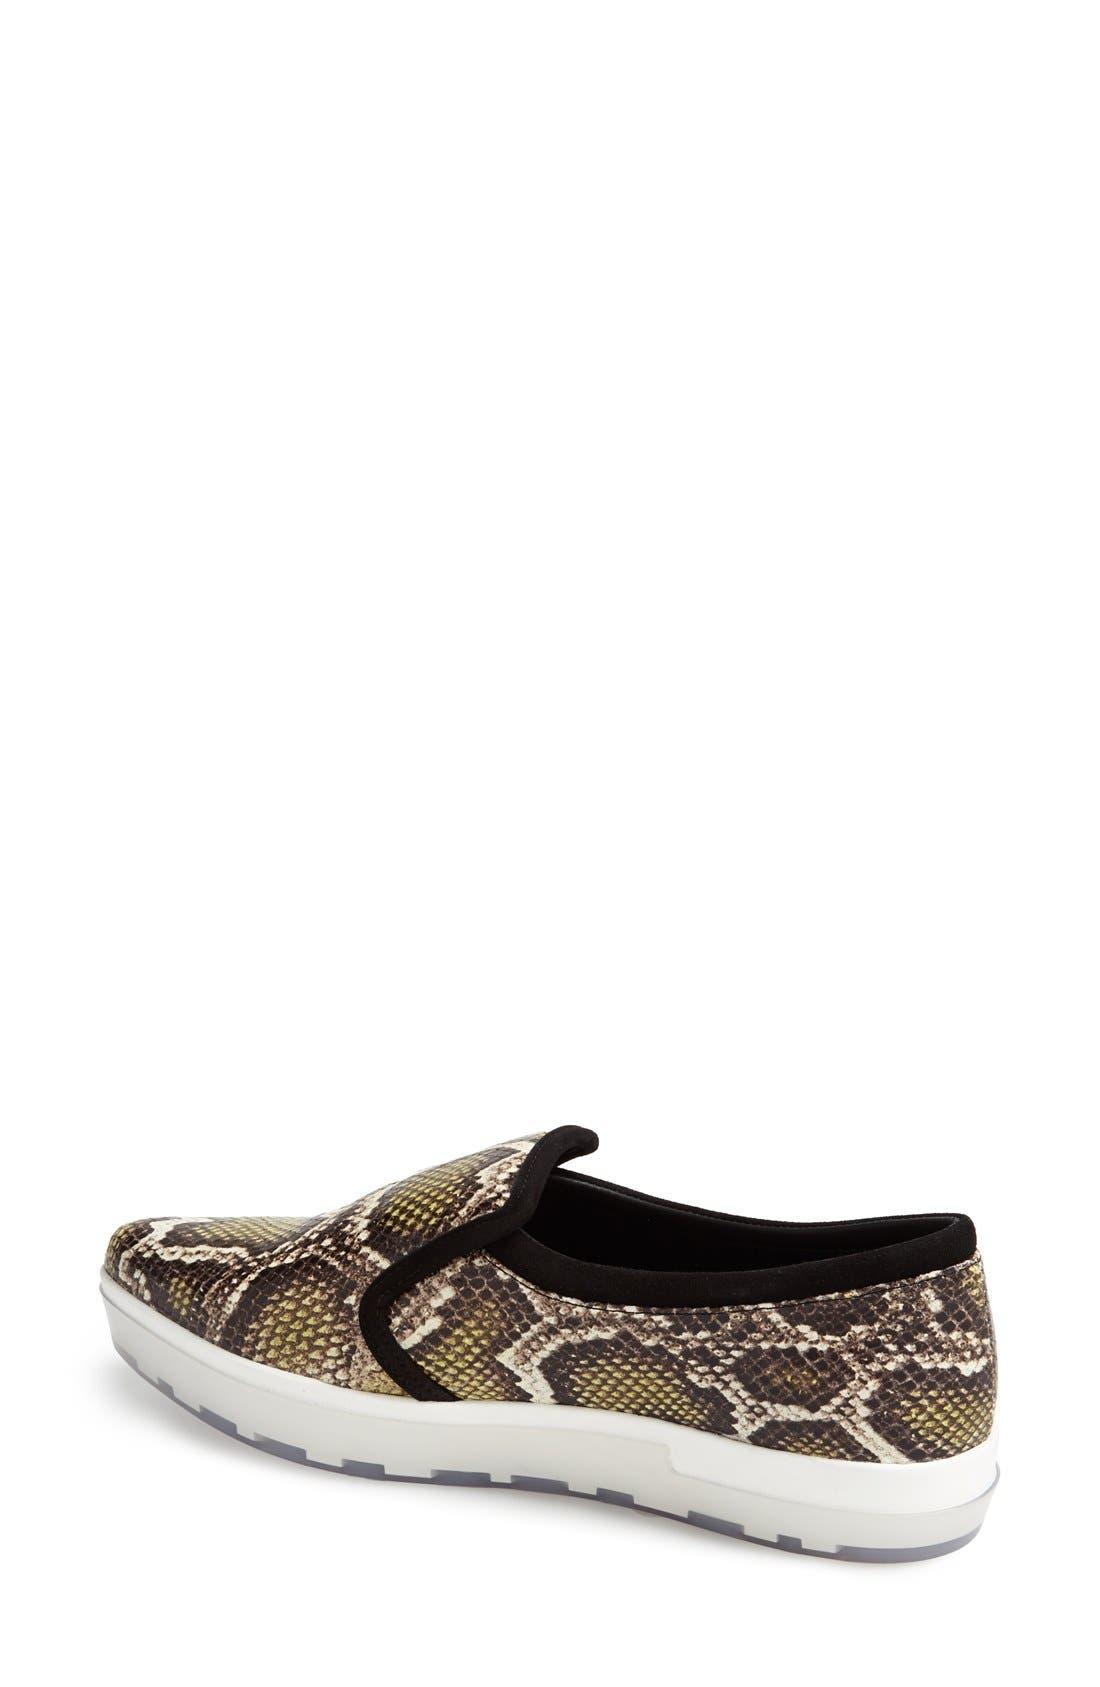 Alternate Image 2  - Jimmy Choo 'Brooklyn' Slip-On Sneaker (Women)